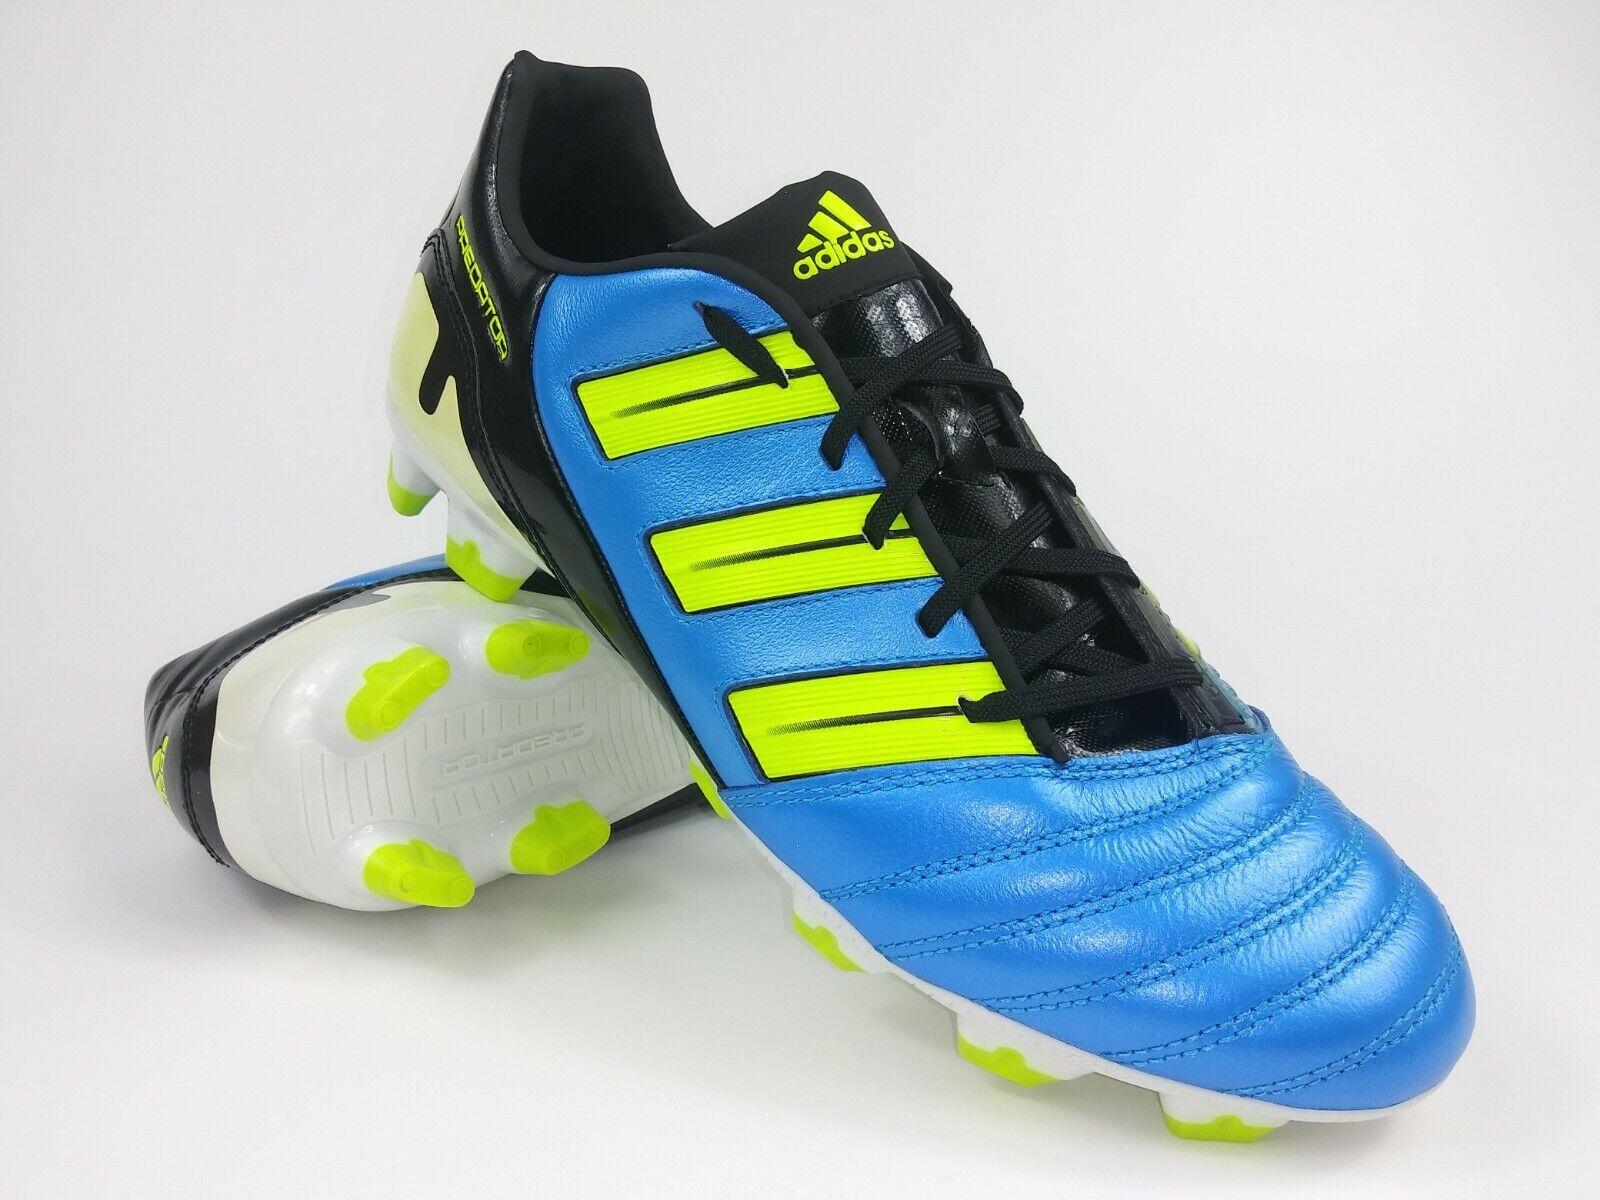 Adidas Para Hombre Raro P Absolion Trx Fg G40903 Azul Amarillo botas Botines de fútbol